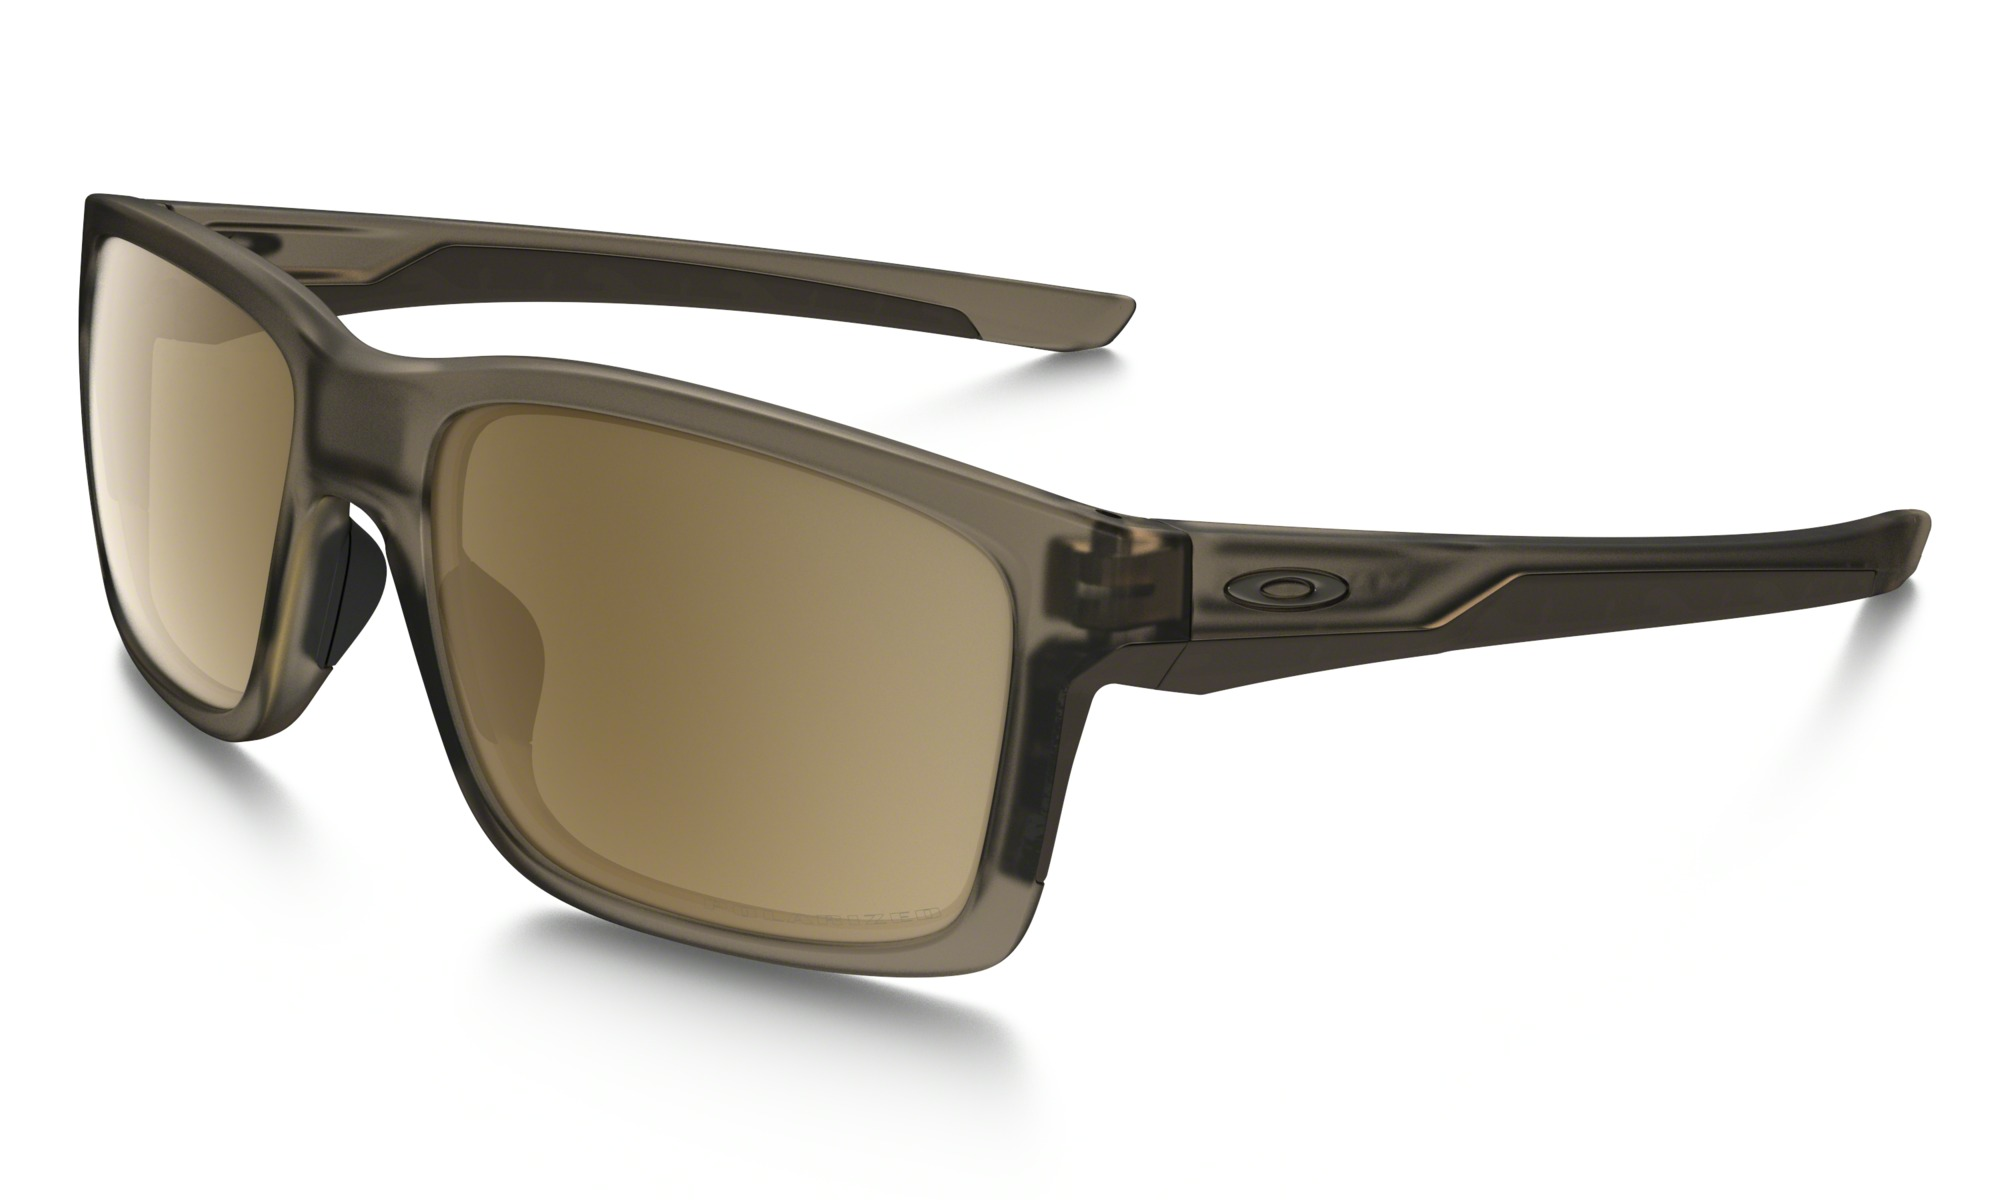 oakley sunglasses ottawa